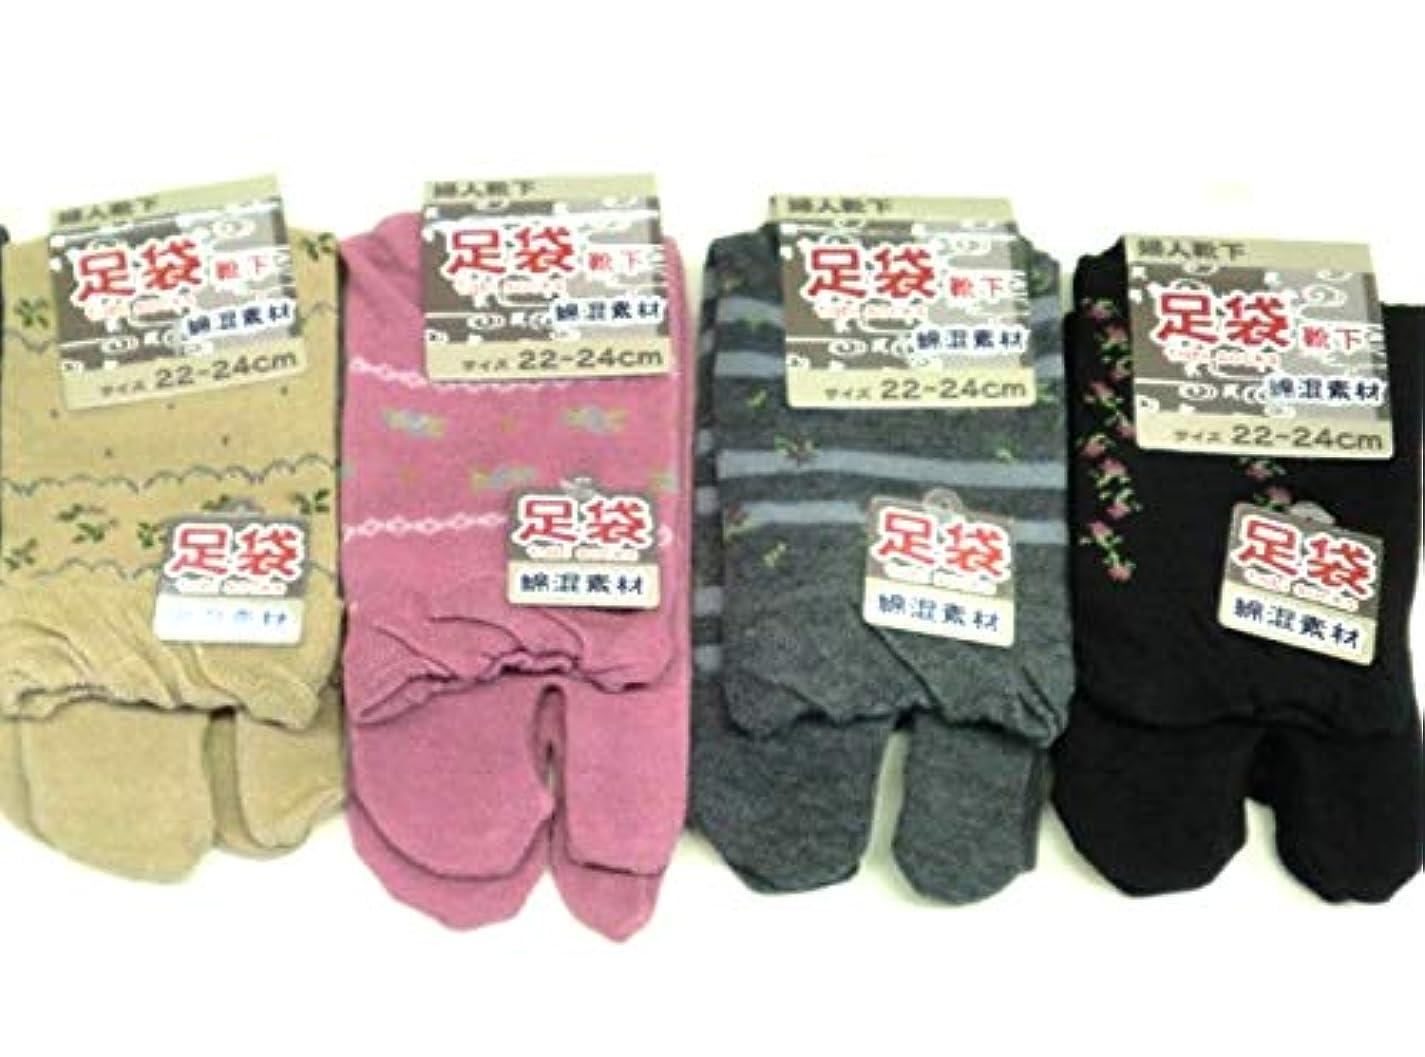 どれでも相手運賃足袋 ソックス 女性 かわいい柄 綿混 かかと付 口ゴムゆったり 22-24cm 4足セット(柄はお任せ)